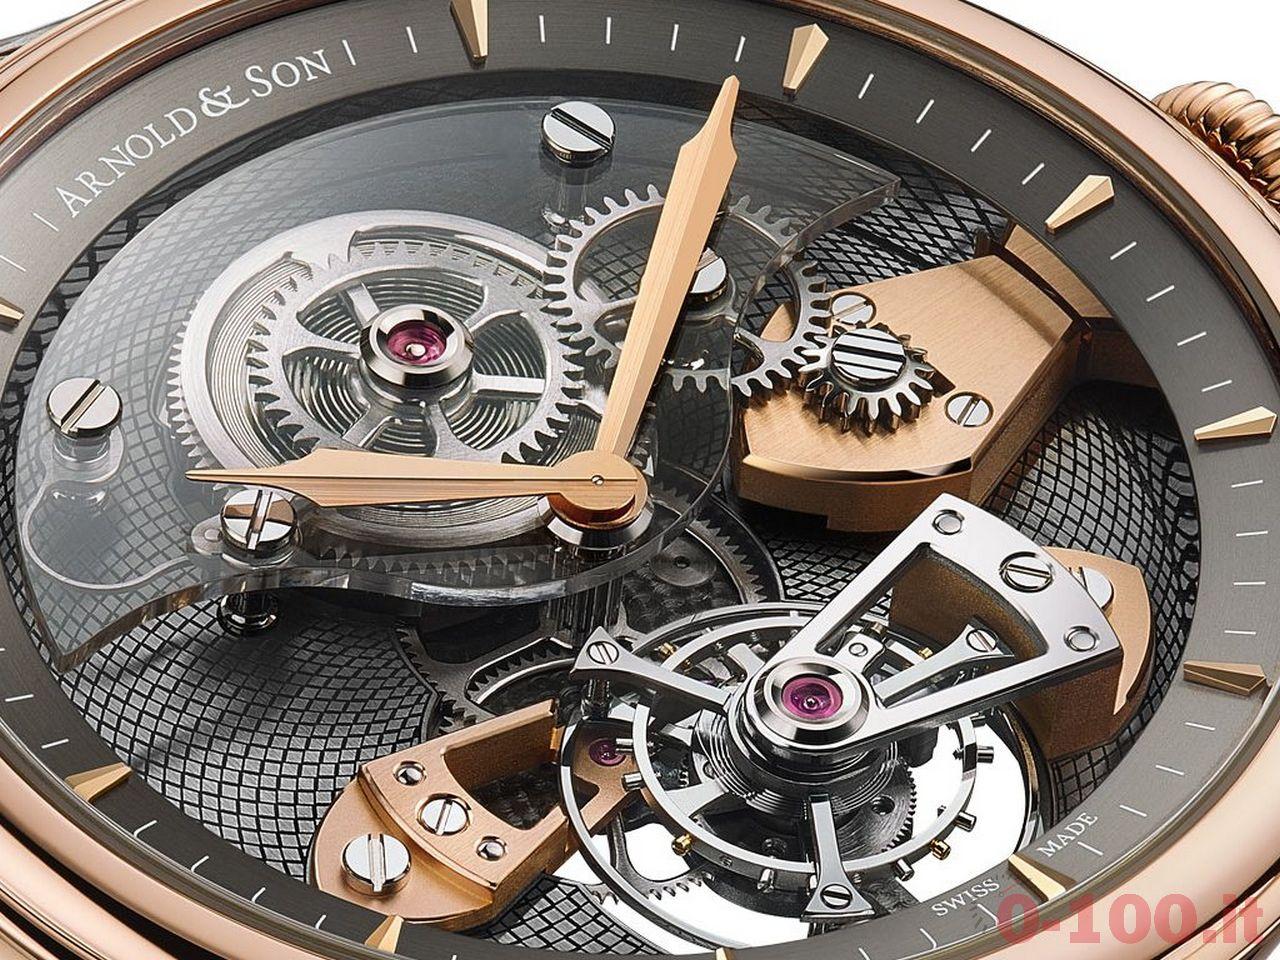 arnold-son-tes-tourbillon-ref-1sjar-v01a-c112a-royal-collection-prezzo-price_0-1004